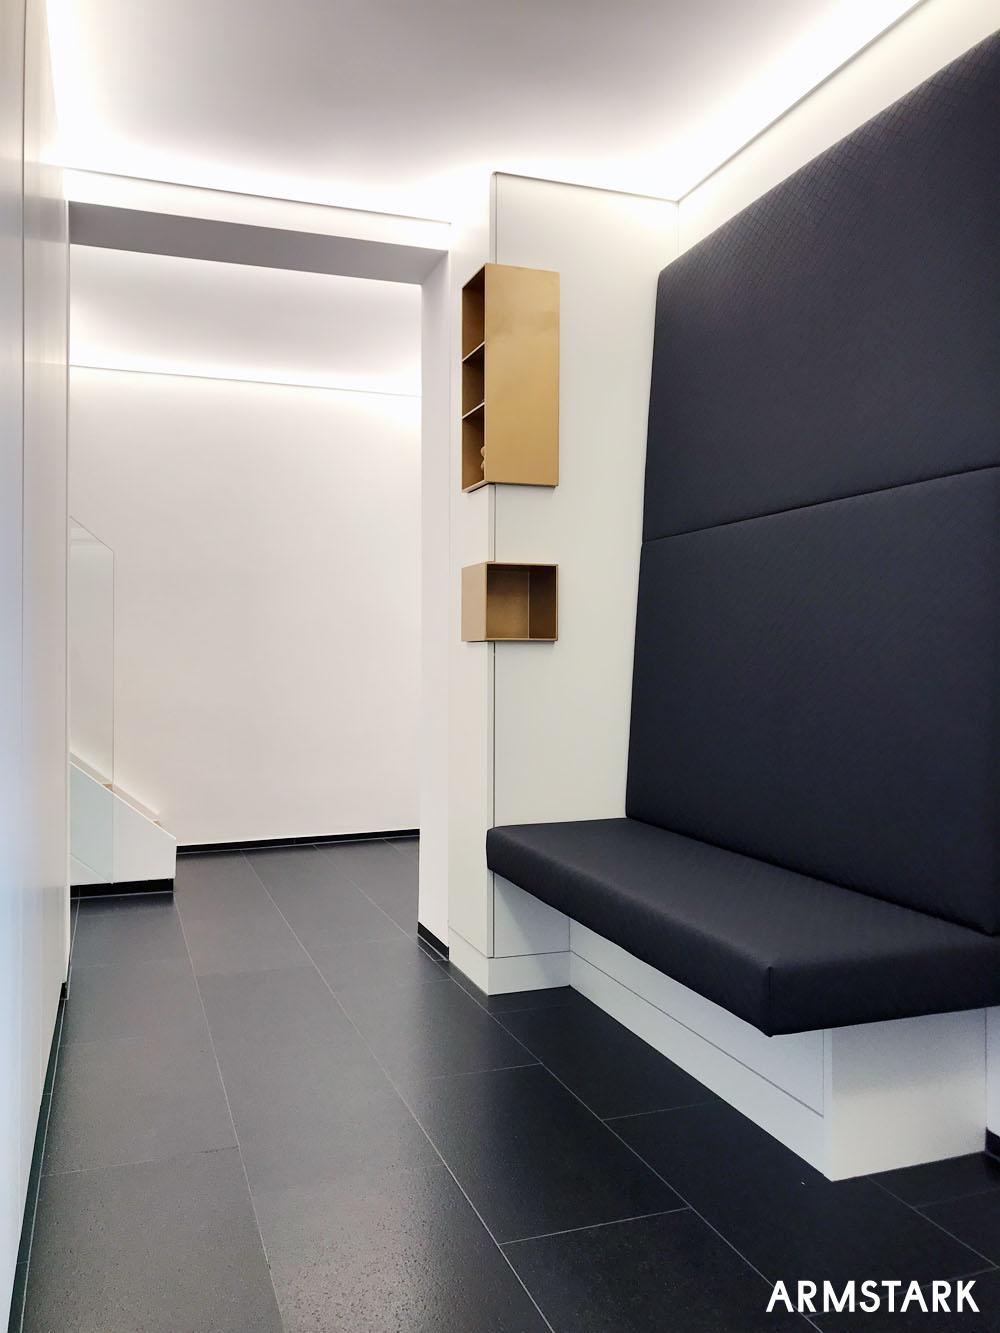 Sitzbank in Leder tapeziert sowie Einbaumöbel